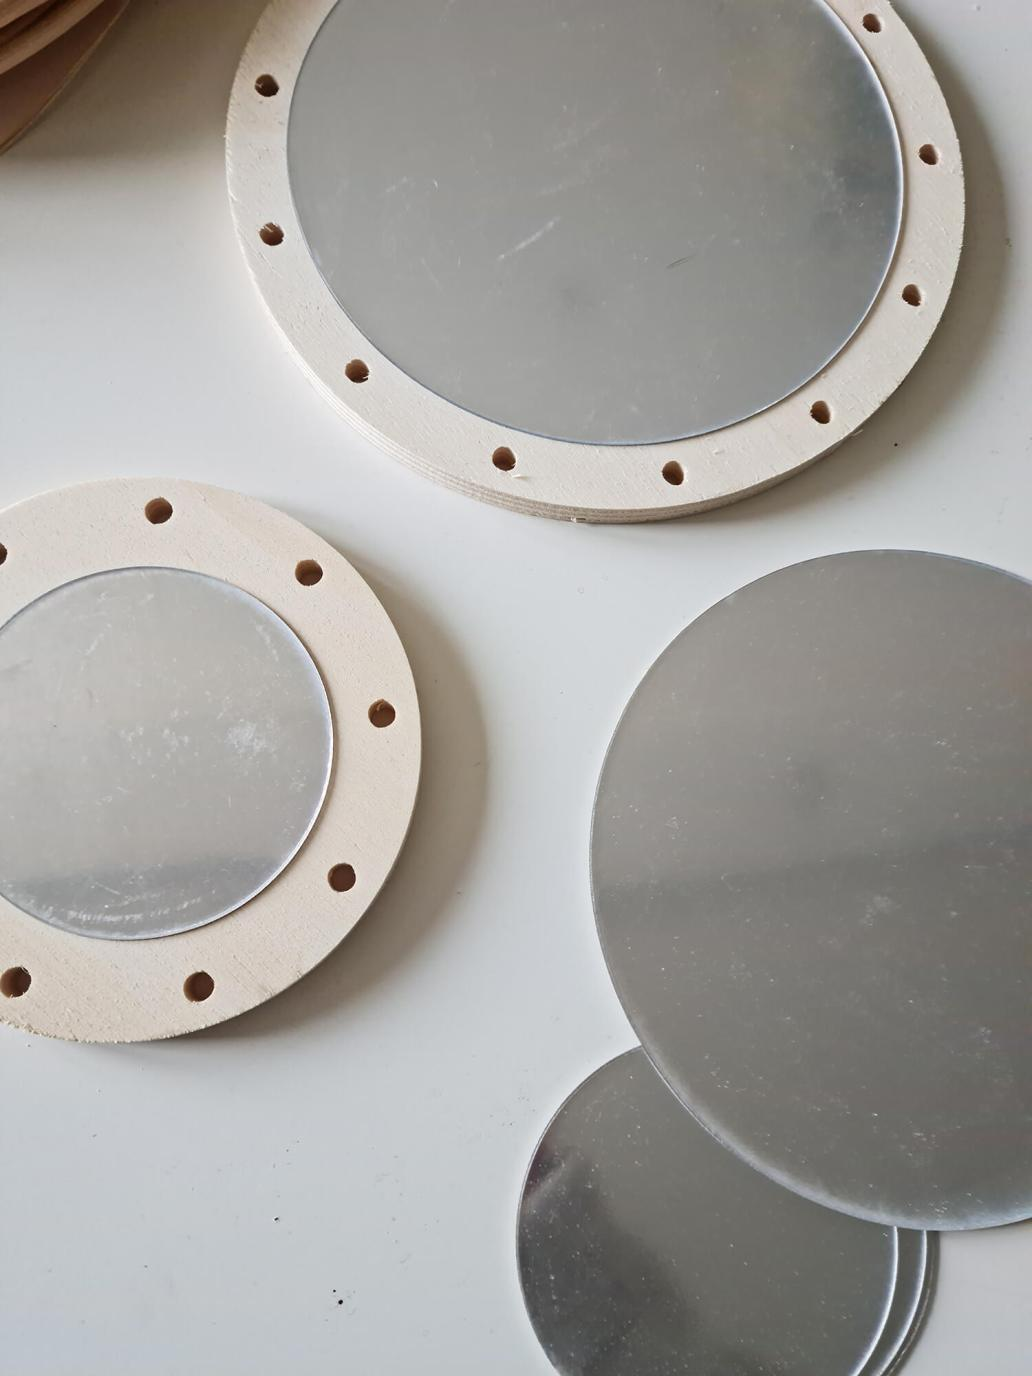 20210318 162834 - DIY déco : donner vie à des miroirs en rotin